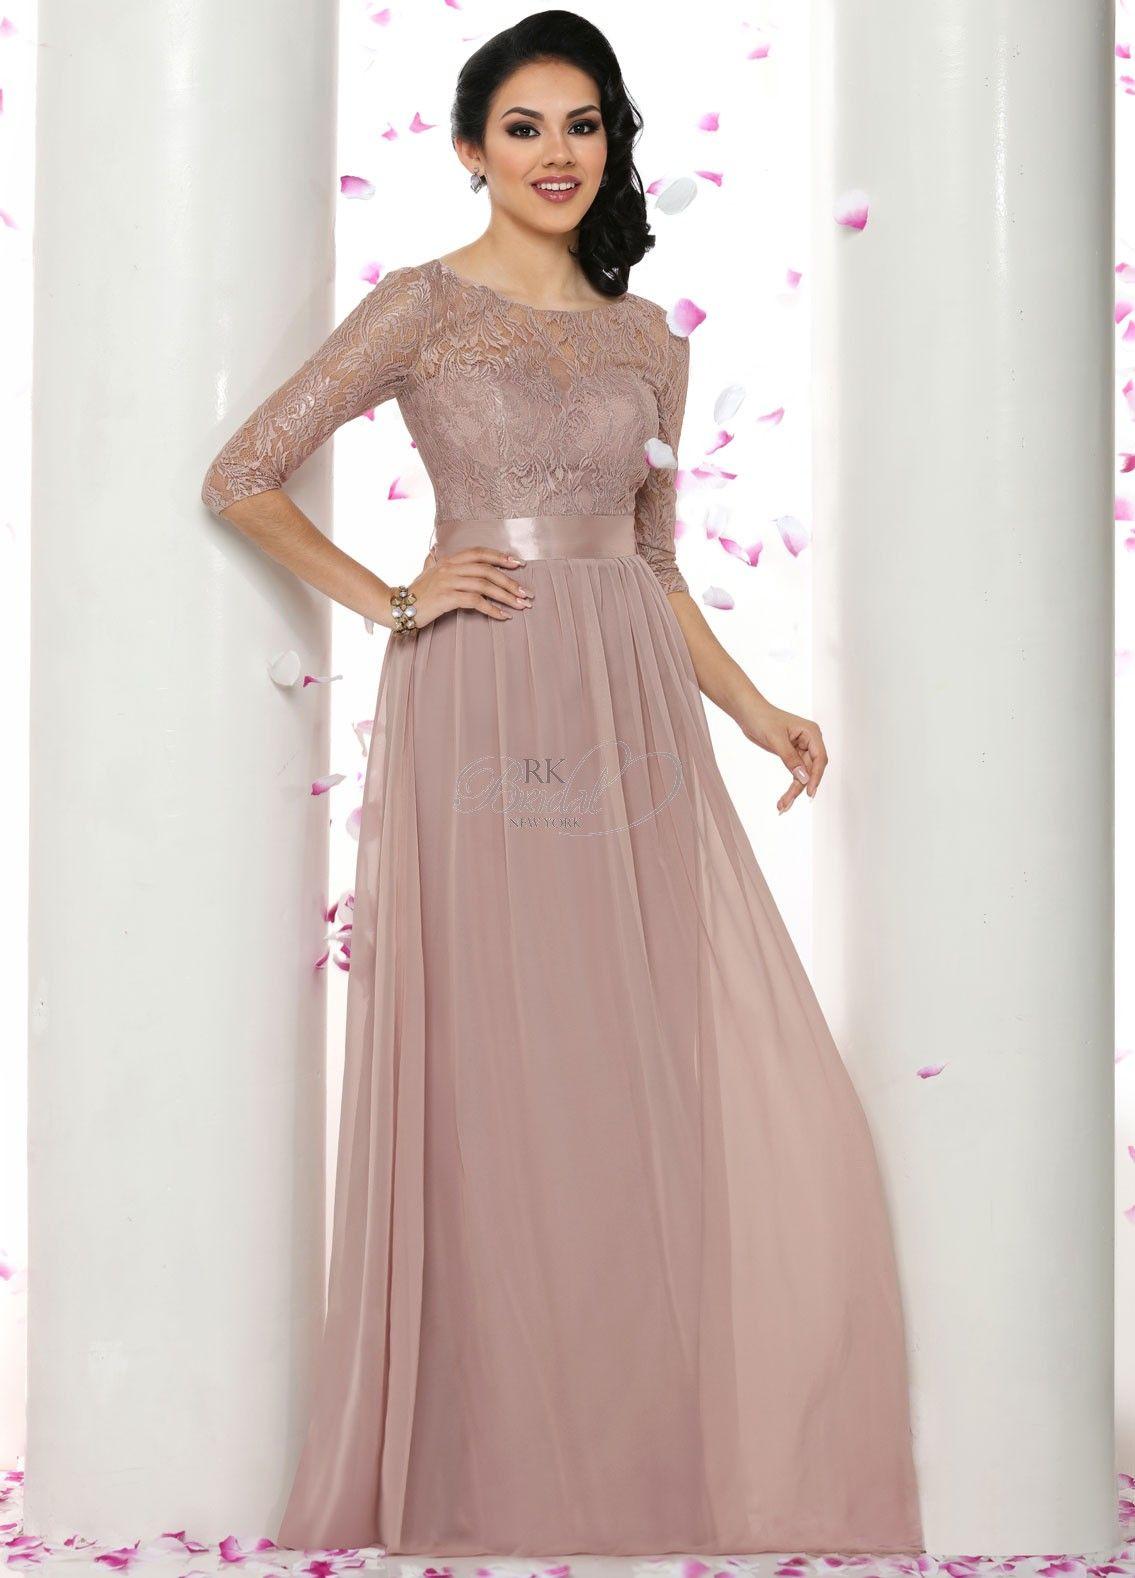 Davinci Bridesmaids Fall 2016 Style 60269 Fall